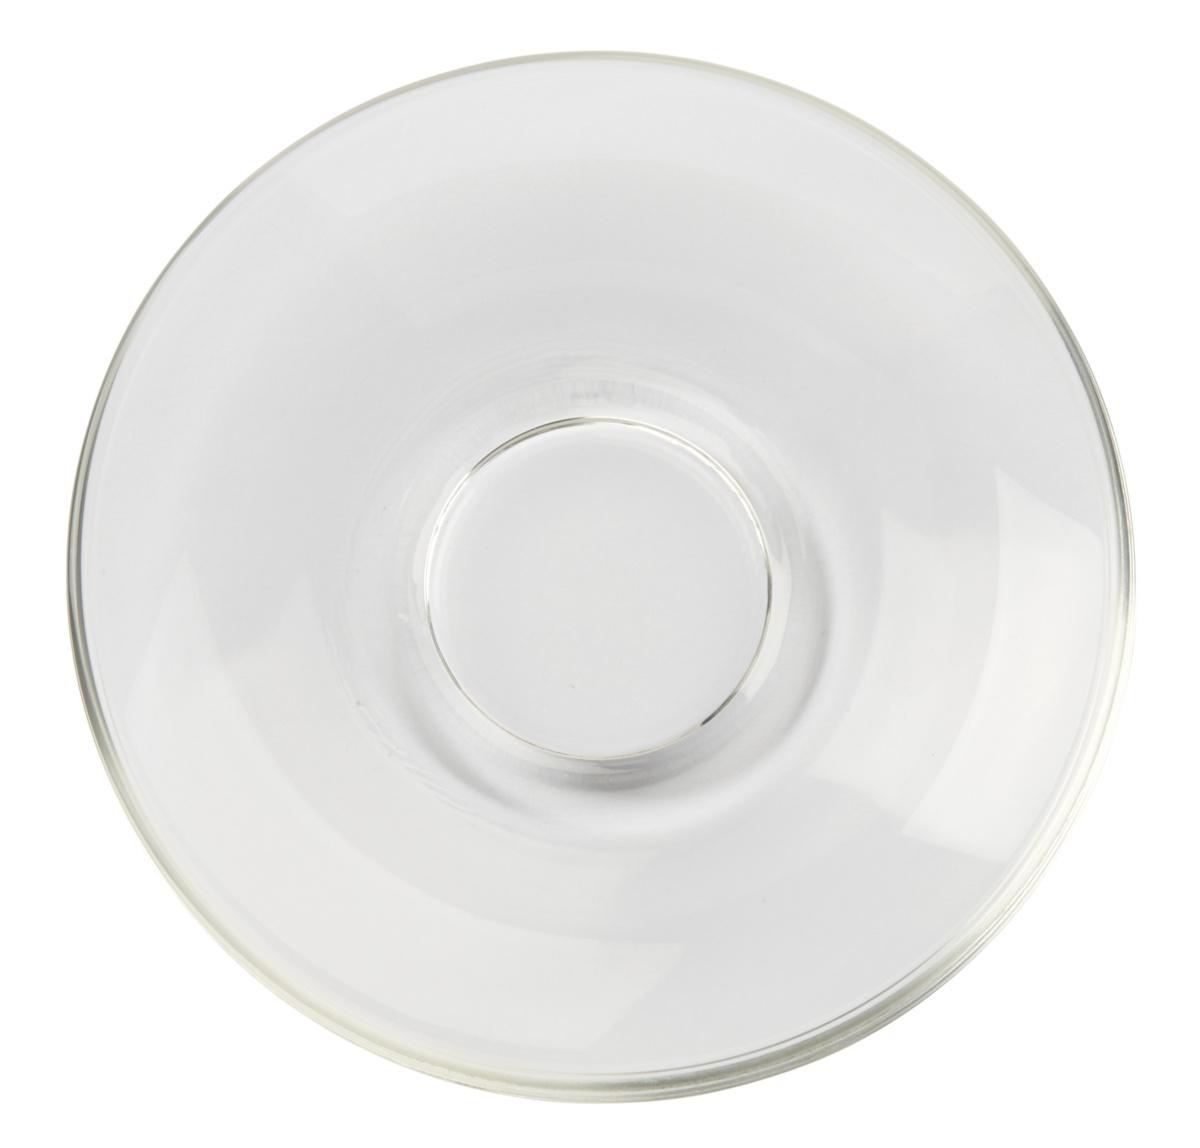 Sous-tasse à thé ronde transparente verre 30 cl Ø 15,20 cm Dolce Pro.mundi